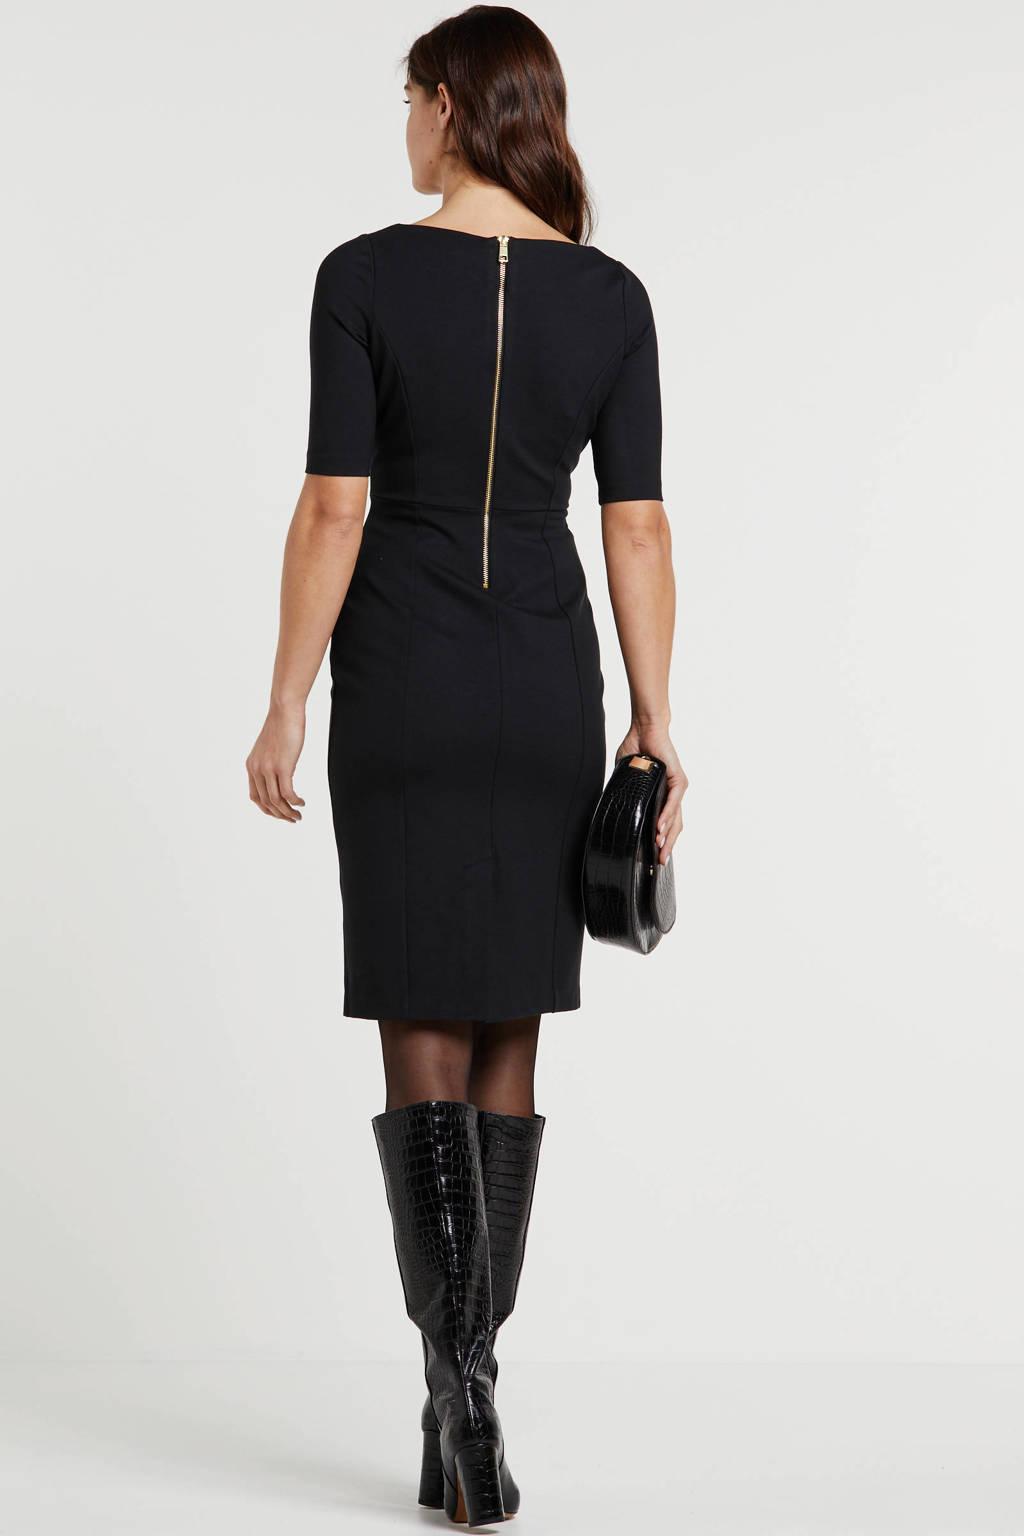 Banana Republic jurk zwart, Zwart